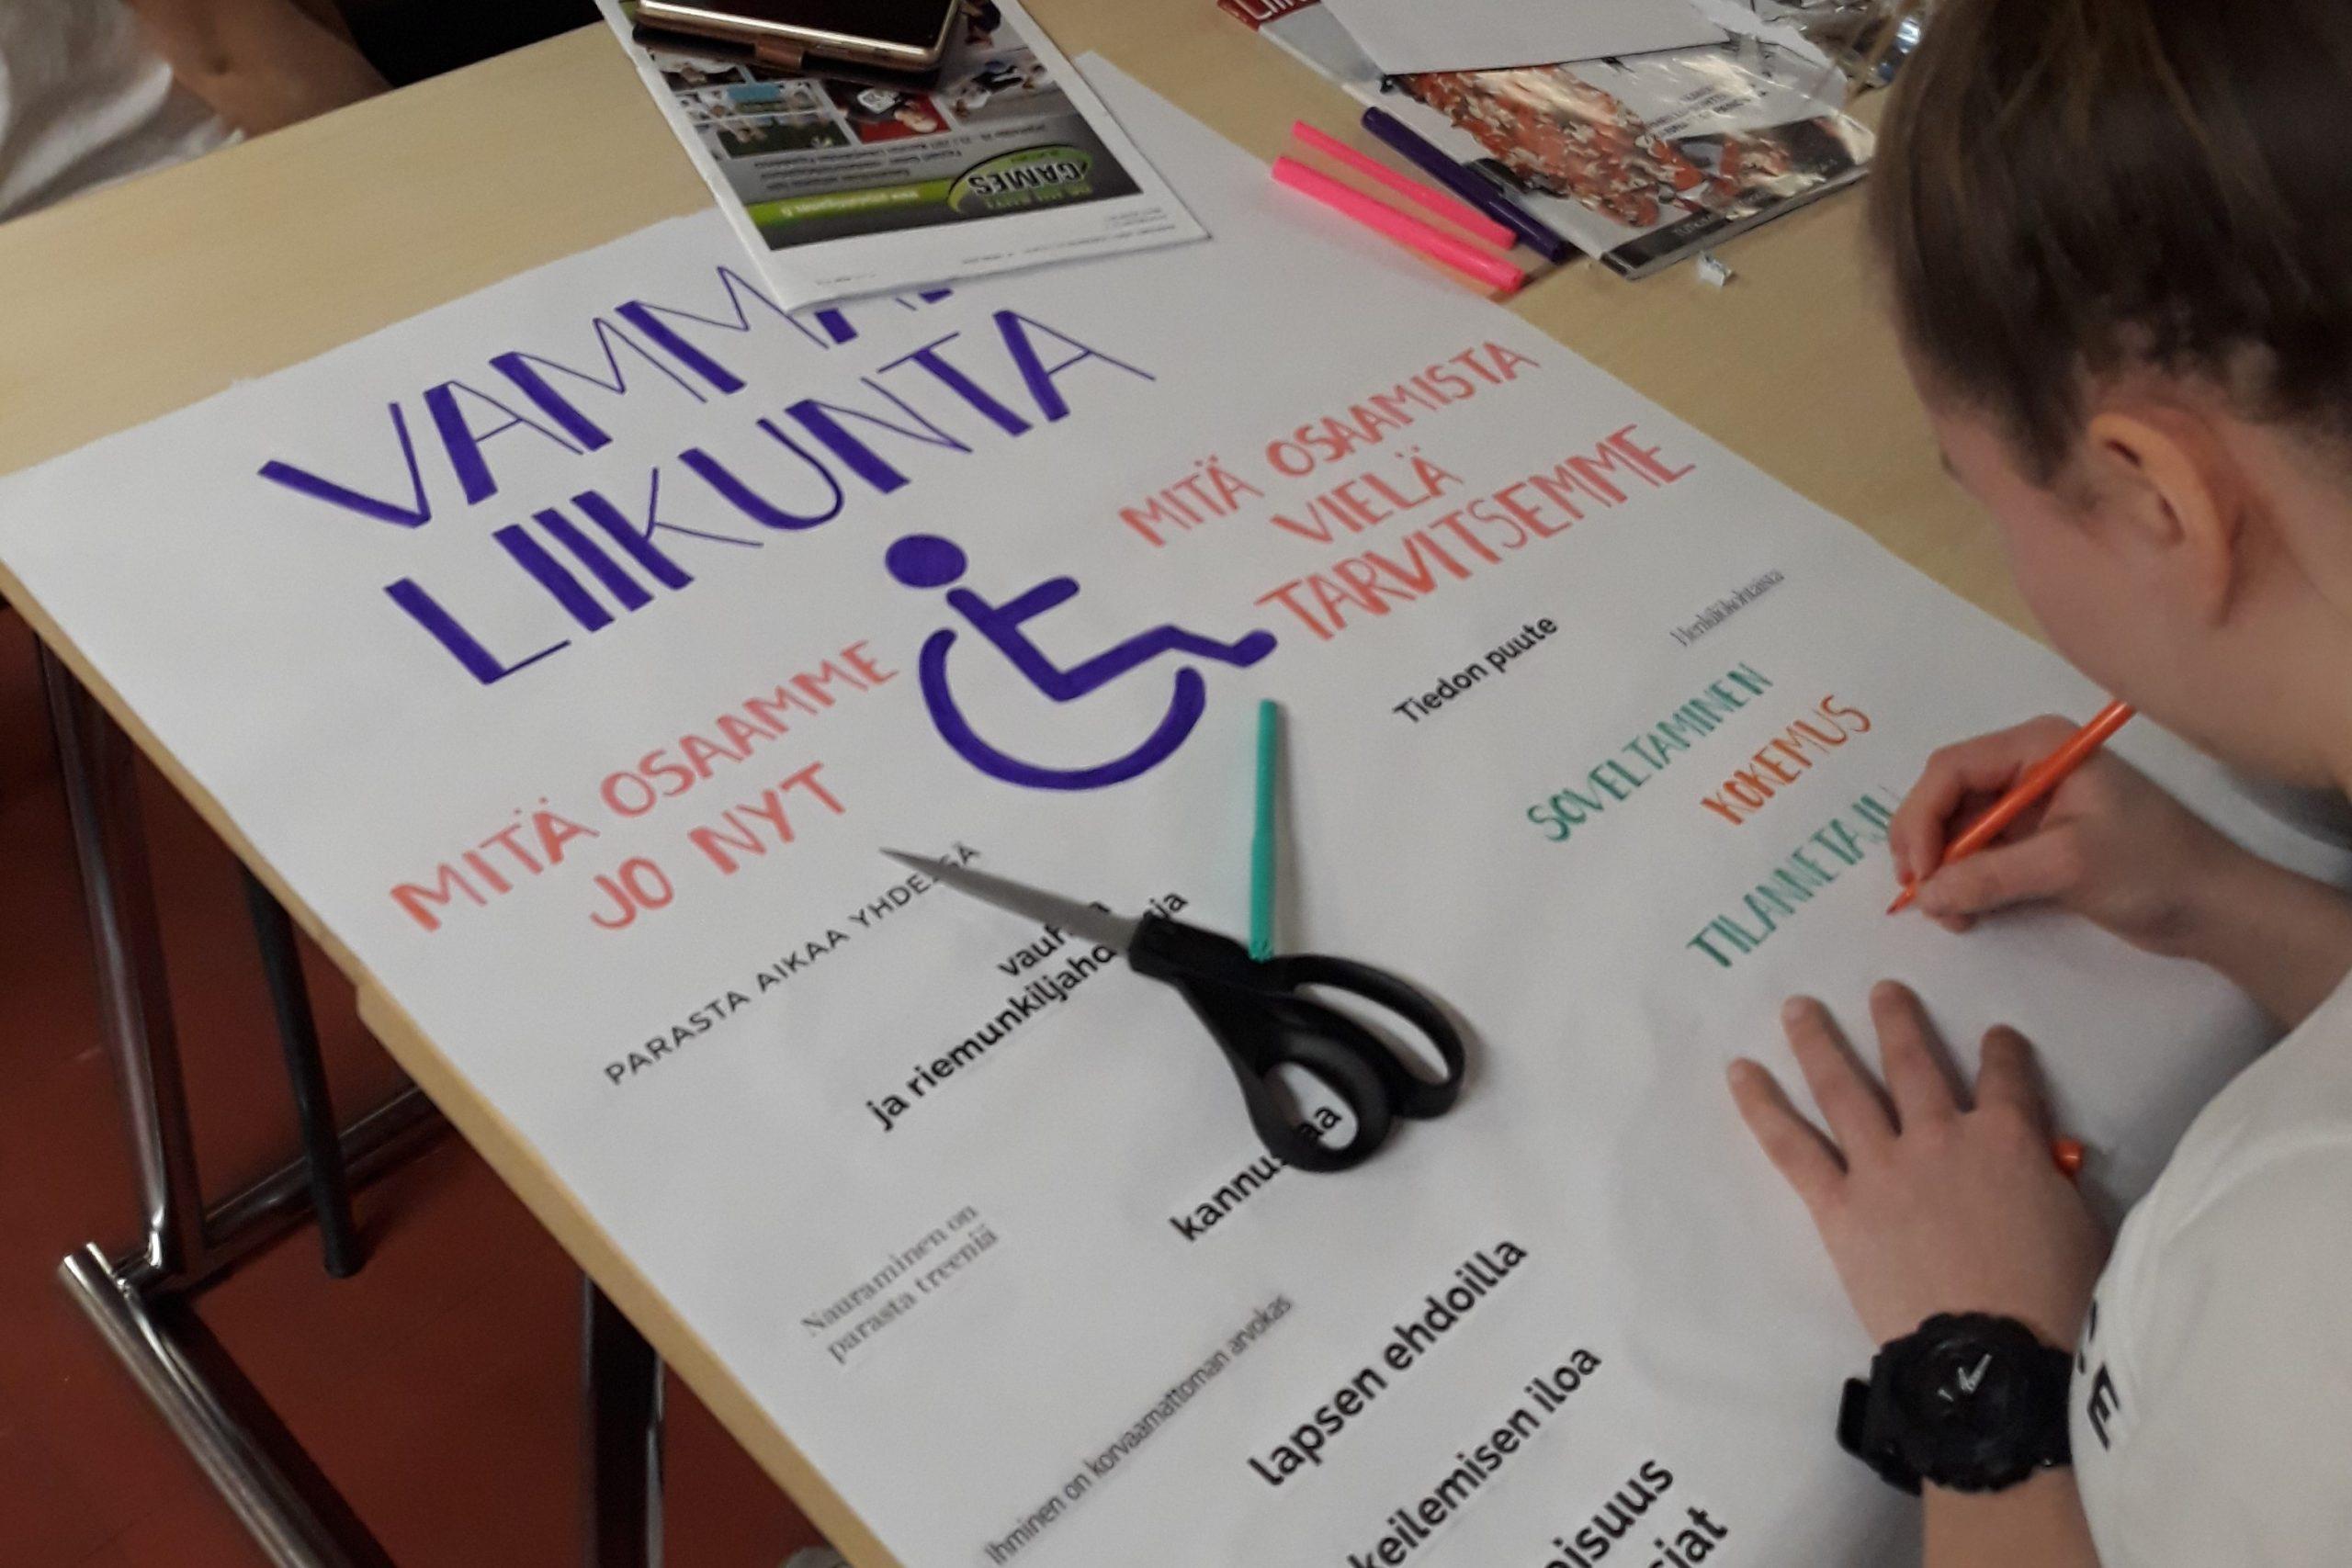 Opiskelija kirjoittaa posteriin tekstiä kompetenssityöpajassa.